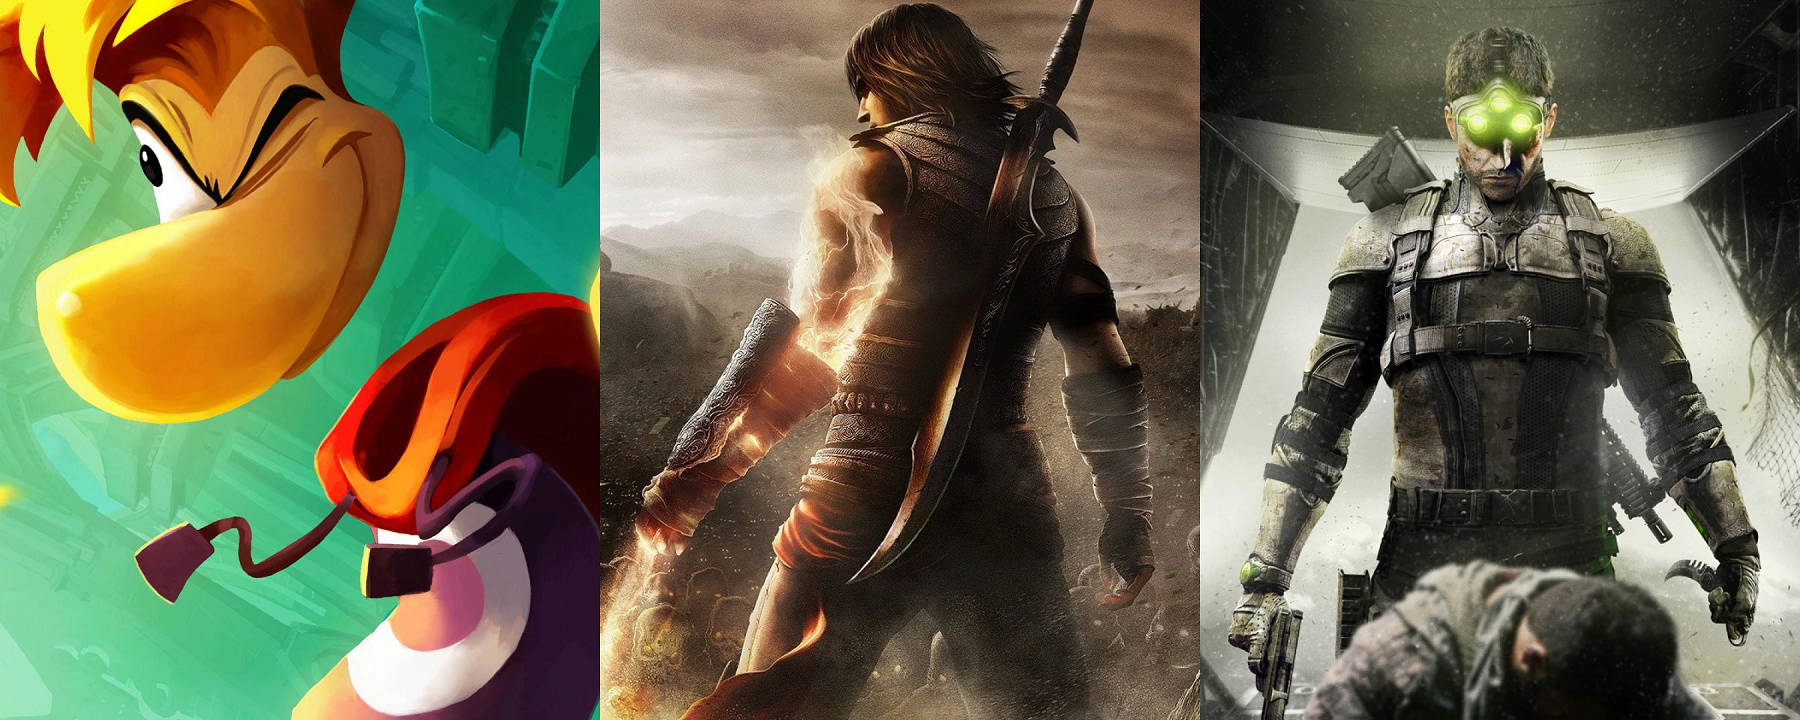 Tag ubisoft en Prince of Persia Fans  Ucdser11